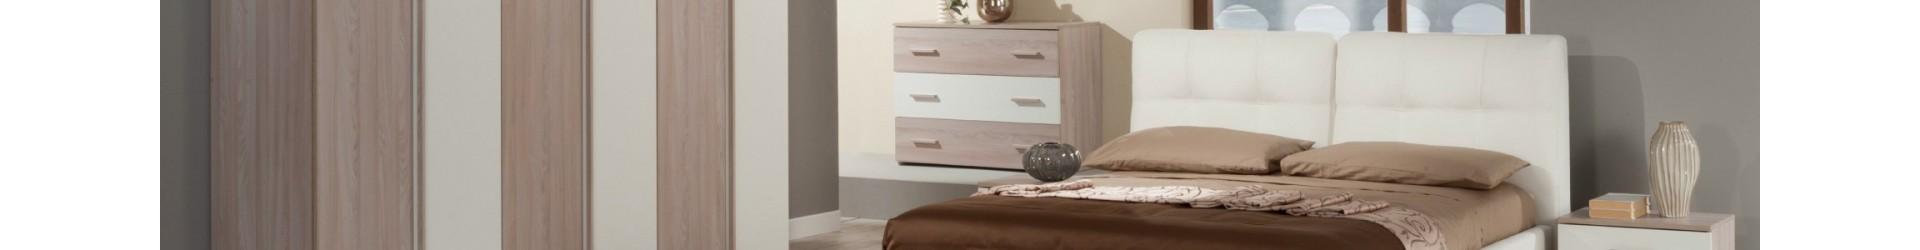 Vendita camere da letto in grado di emozionarti ogni giorno!